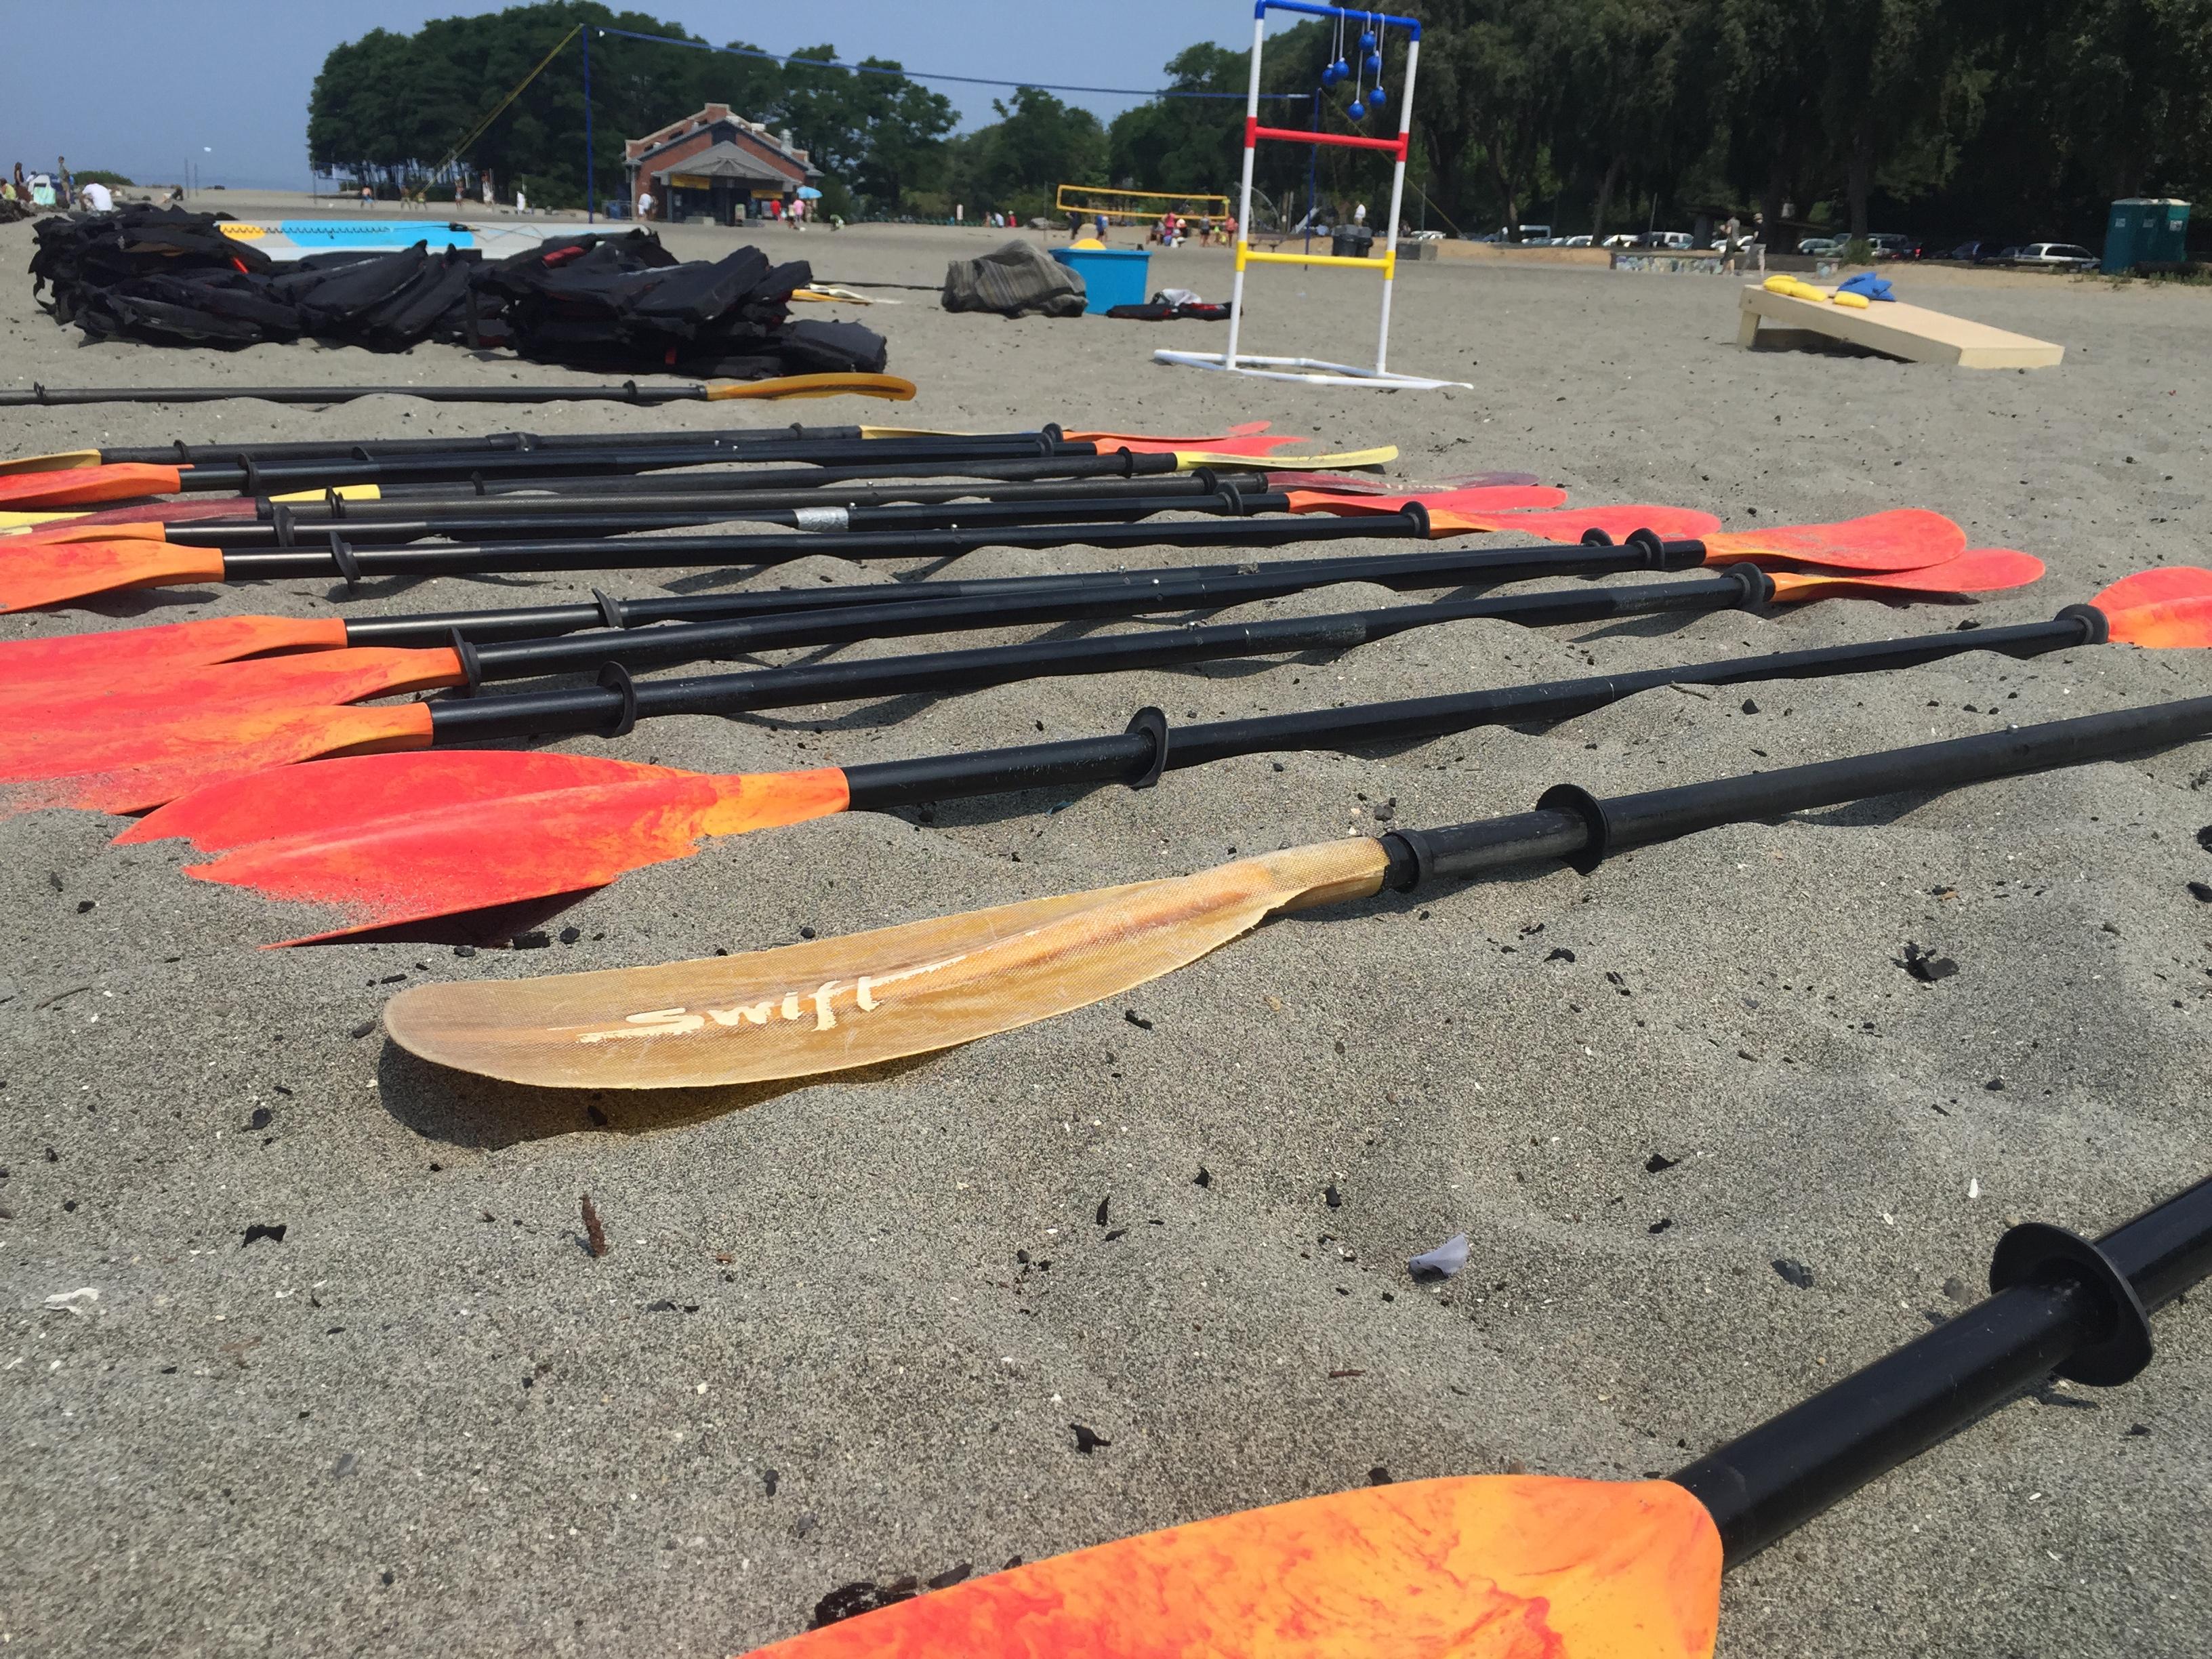 Paddles for Kayaking